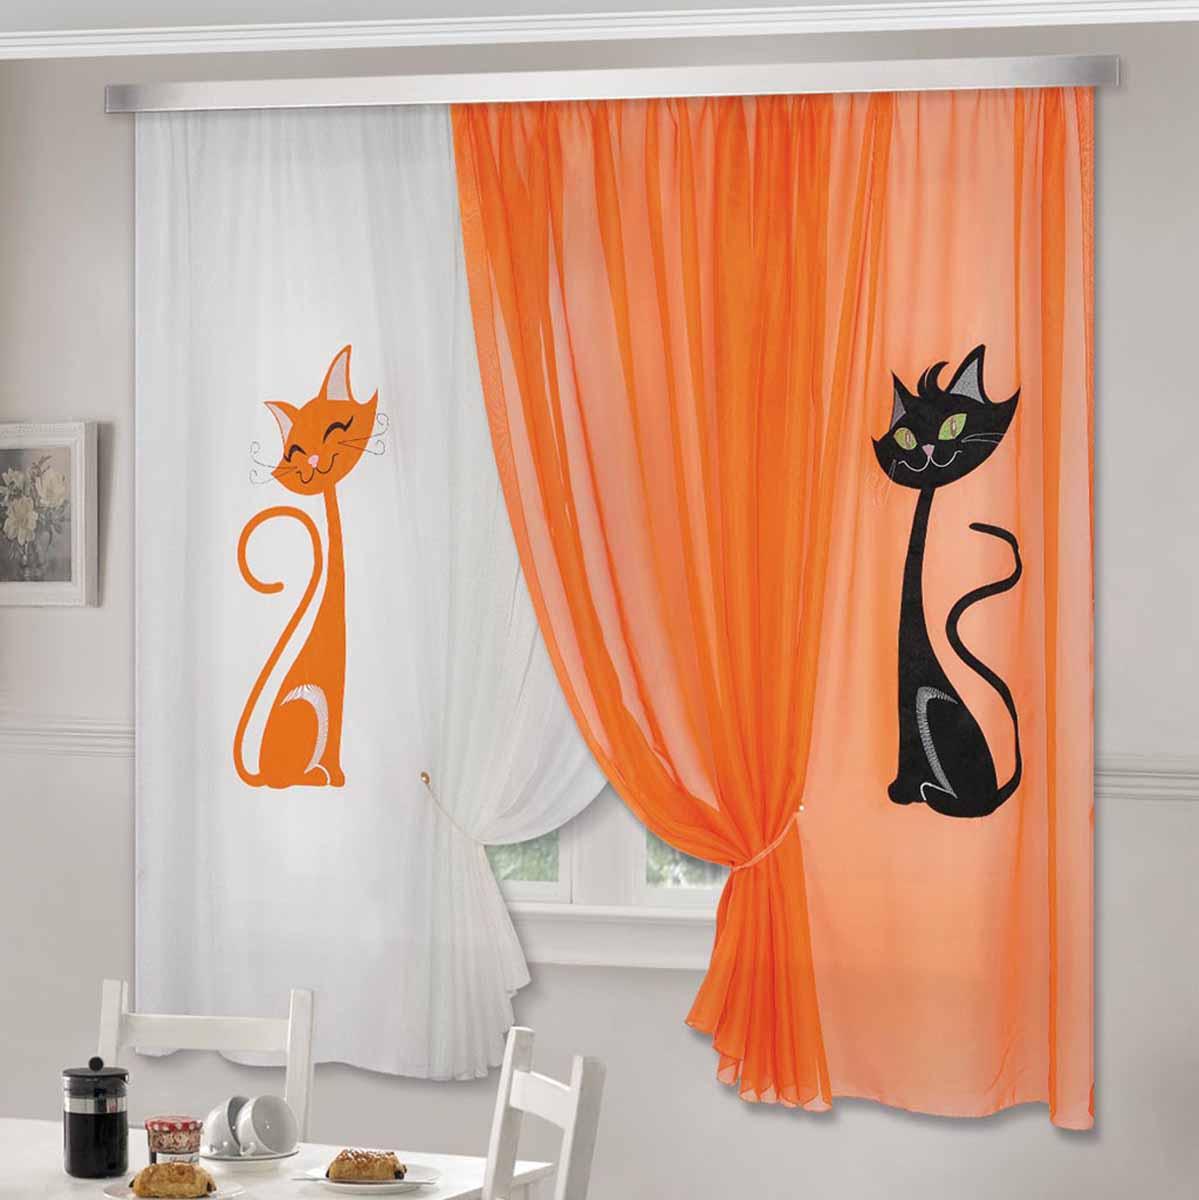 Комплект штор ТД Текстиль Кэти, на ленте, цвет: оранжевый, белый, высота 180 смCLP446Шторы выполнены из вуалевого полотна с аппликацией в виде кошек. Стирать аккуратно, не более 30-40 градусов. Цвета в ассортименте.